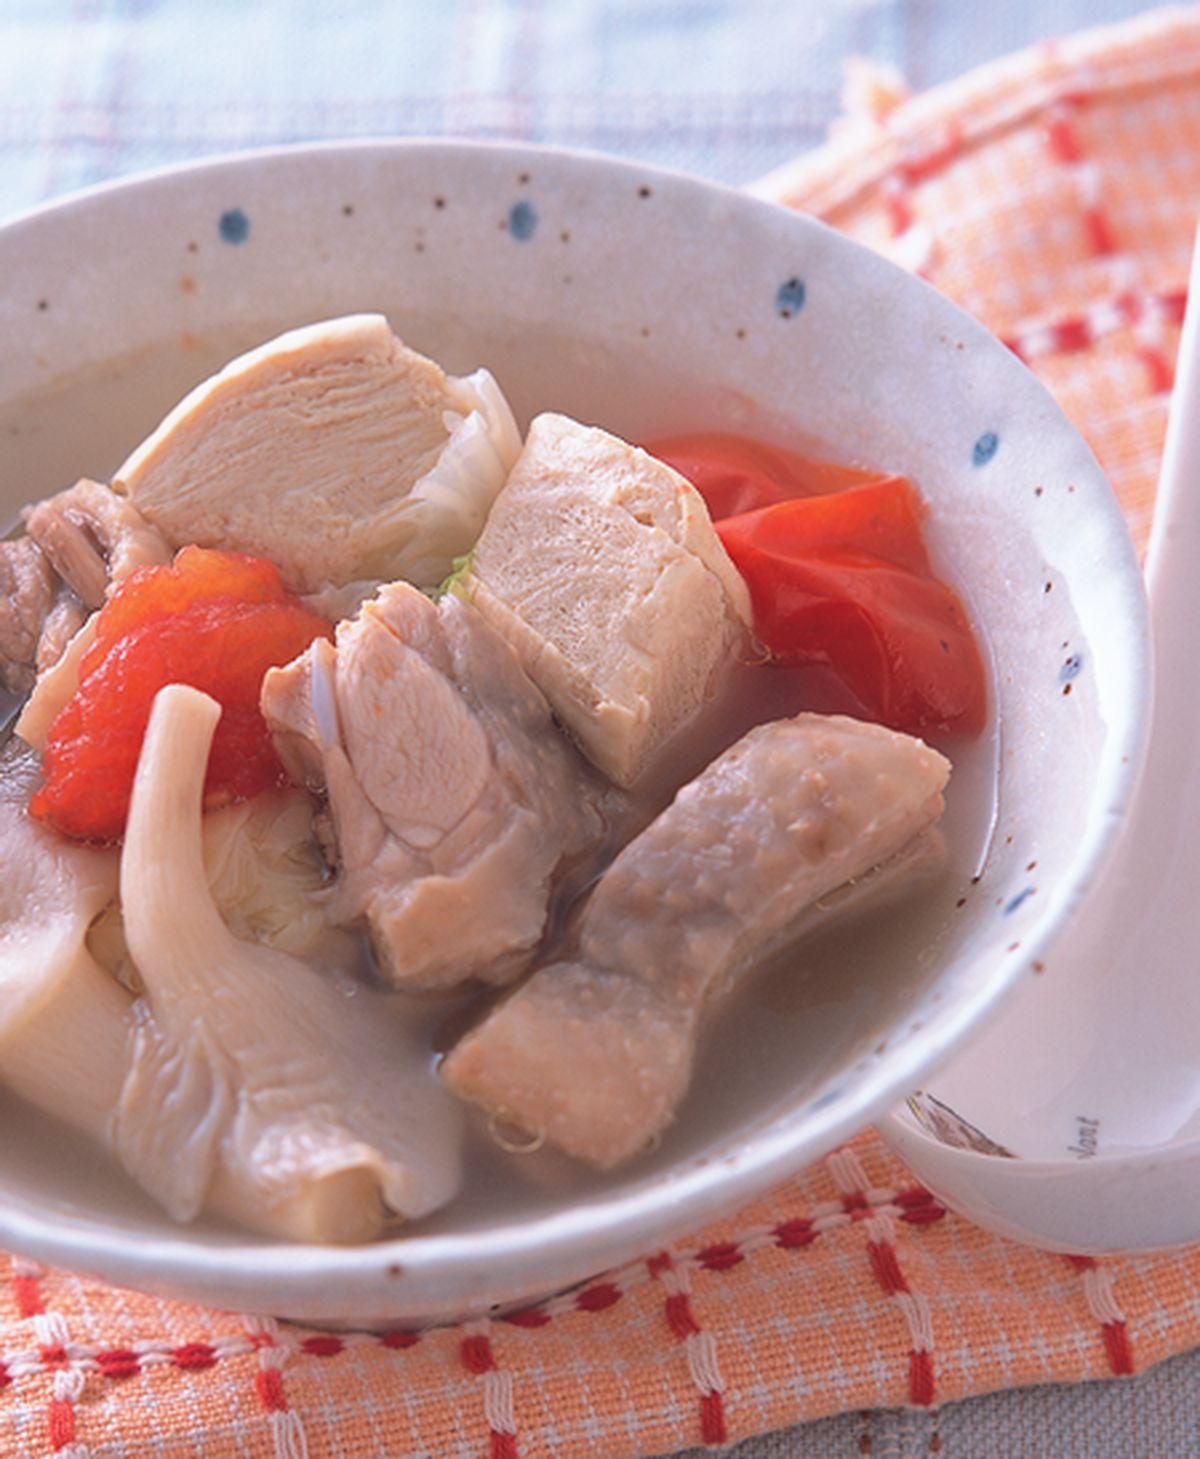 食譜:雞肉豆腐蔬菜湯